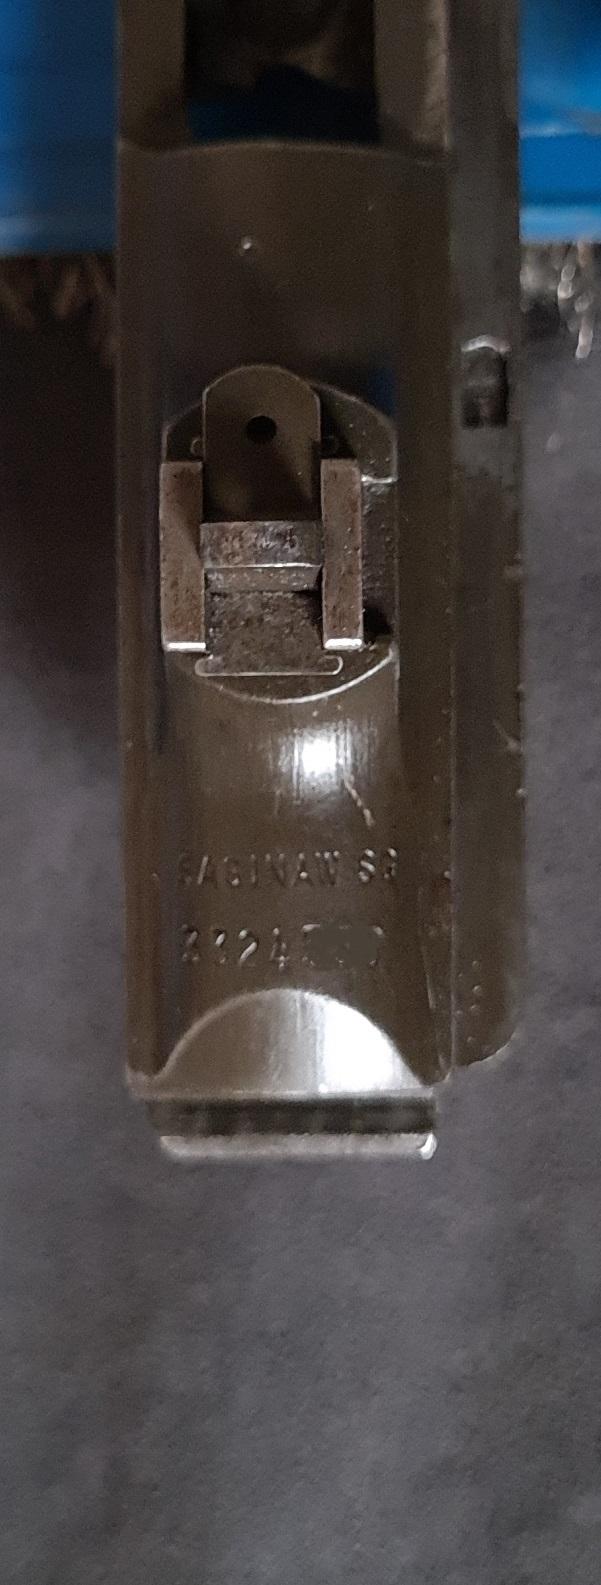 USM1 A1 modifié Tbis alinéa 3  20210515